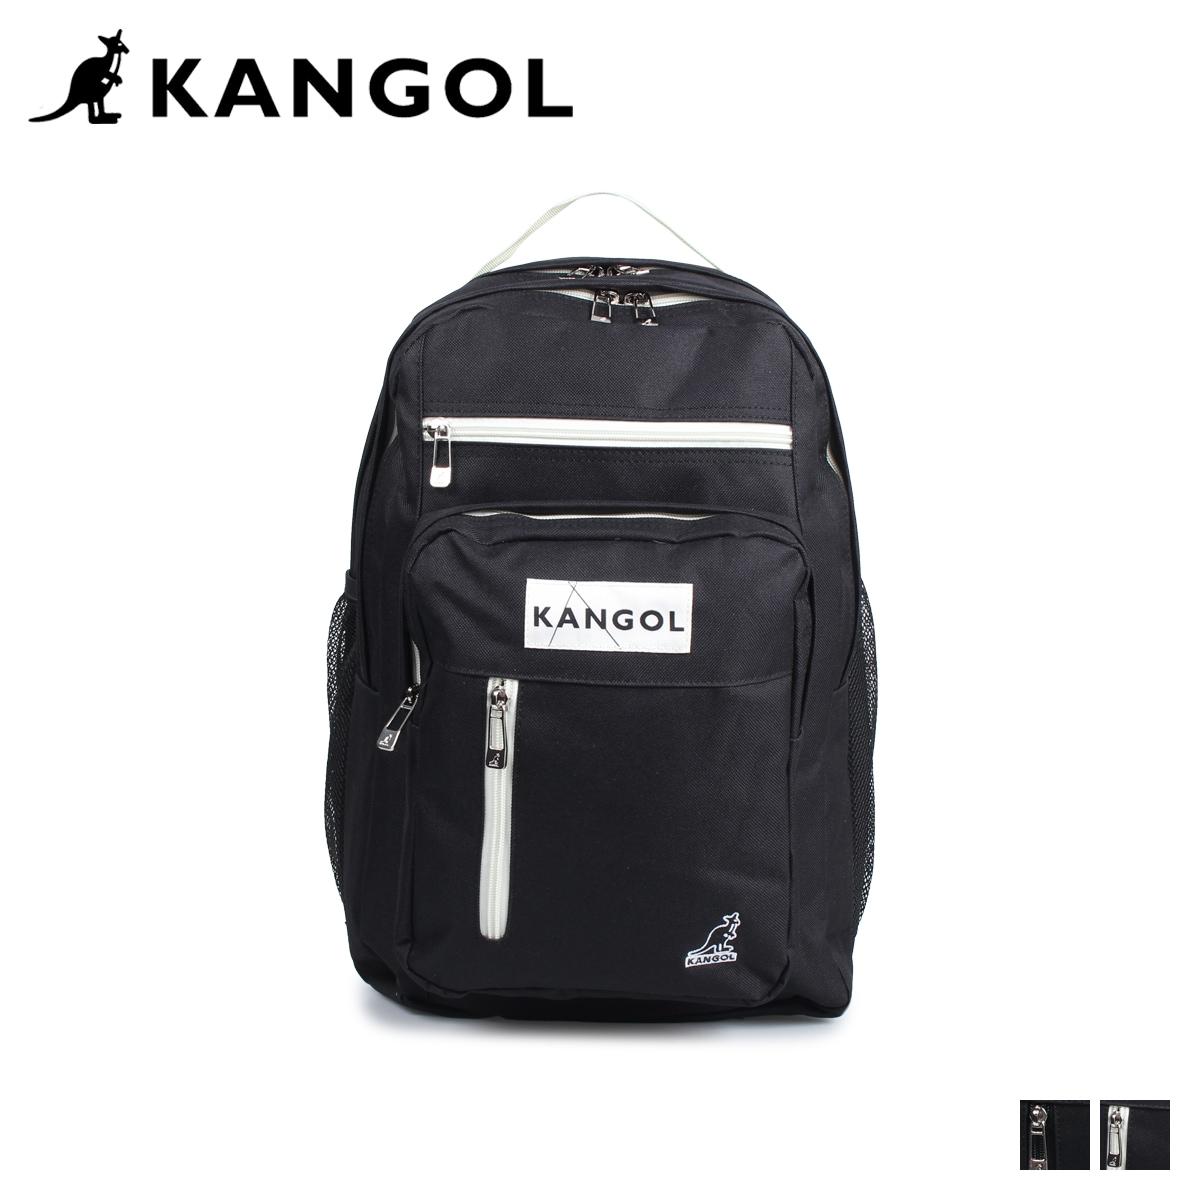 カンゴール KANGOL リュック バッグ バックパック メンズ レディース FUNCTIONAL RUCK SACK ブラック 黒 KGSA-BG00019